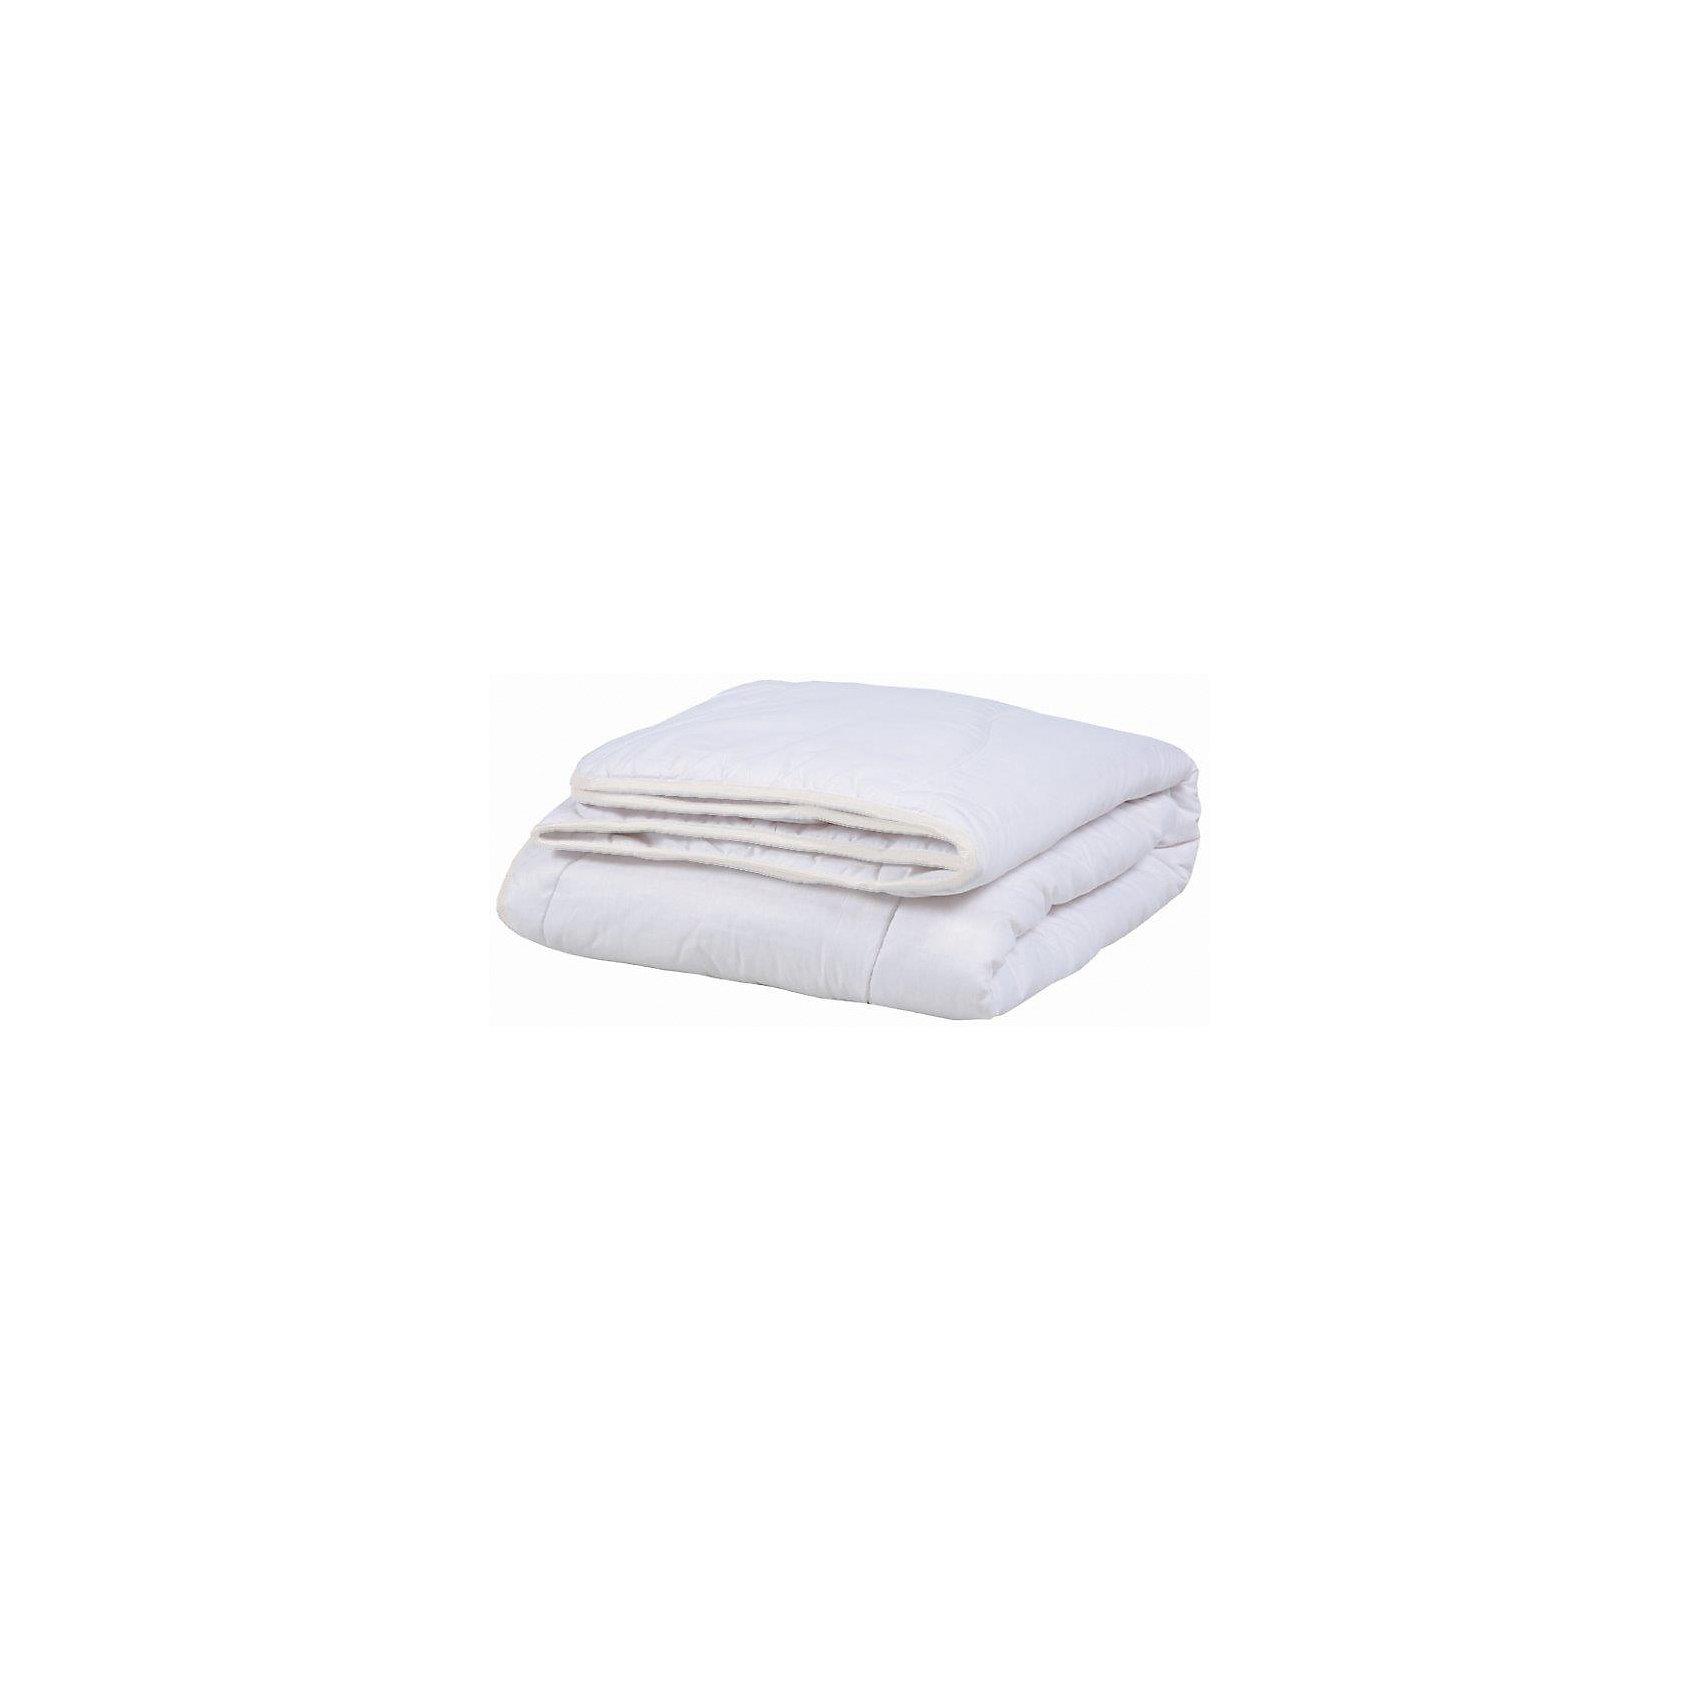 Одеяло 140*205 с хлопковым волокном, Mona LizaДомашний текстиль<br>Характеристики:<br><br>• размер одеяла: 140х205 см<br>• материал верха: шатель (50% хлопок, 50% полиэстер<br>• наполнитель: пласт (30% хлопок, 70% полиэфир)<br>• плотность наполнителя: 200 г/м2<br>• размер упаковки: 47х20х47 см<br>• вес: 1450 грамм<br><br>Одеяло Mona Liza с наполнителем из хлопкового волокна отлично подойдет даже для людей с чувствительной кожей. Оно пропускает воздух, впитывает лишнюю влагу и обладает гипоаллергенностью. Наполнитель не собирается в комки, практически не электризуется и обеспечивает правильную терморегуляцию.<br><br>Одеяло 140*205 с хлопковым волокном, Mona Liza (Мона Лиза) вы можете купить в нашем интернет-магазине.<br><br>Ширина мм: 470<br>Глубина мм: 200<br>Высота мм: 470<br>Вес г: 1450<br>Возраст от месяцев: 84<br>Возраст до месяцев: 600<br>Пол: Унисекс<br>Возраст: Детский<br>SKU: 6765296